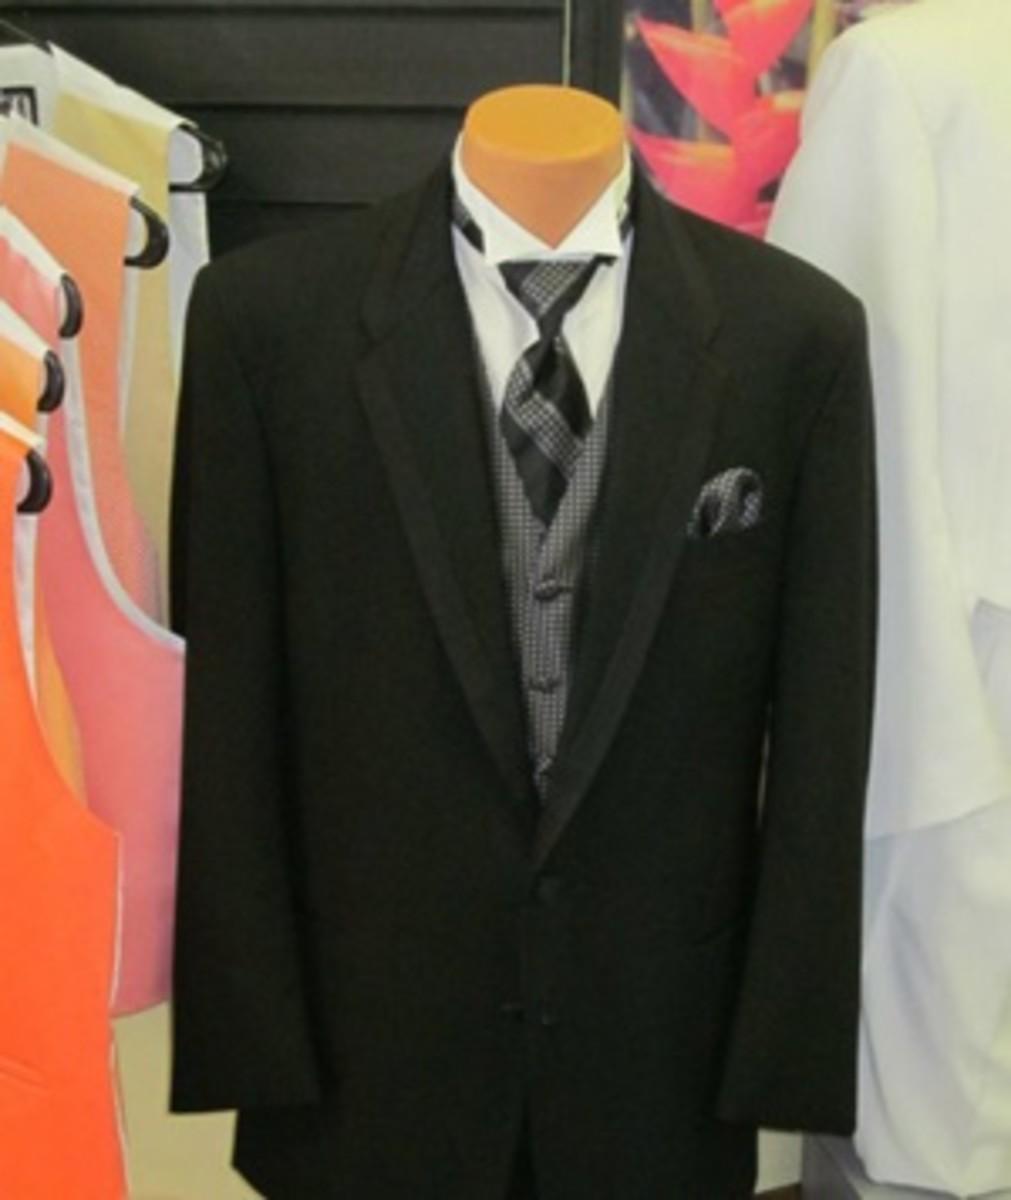 Father's Tuxedo